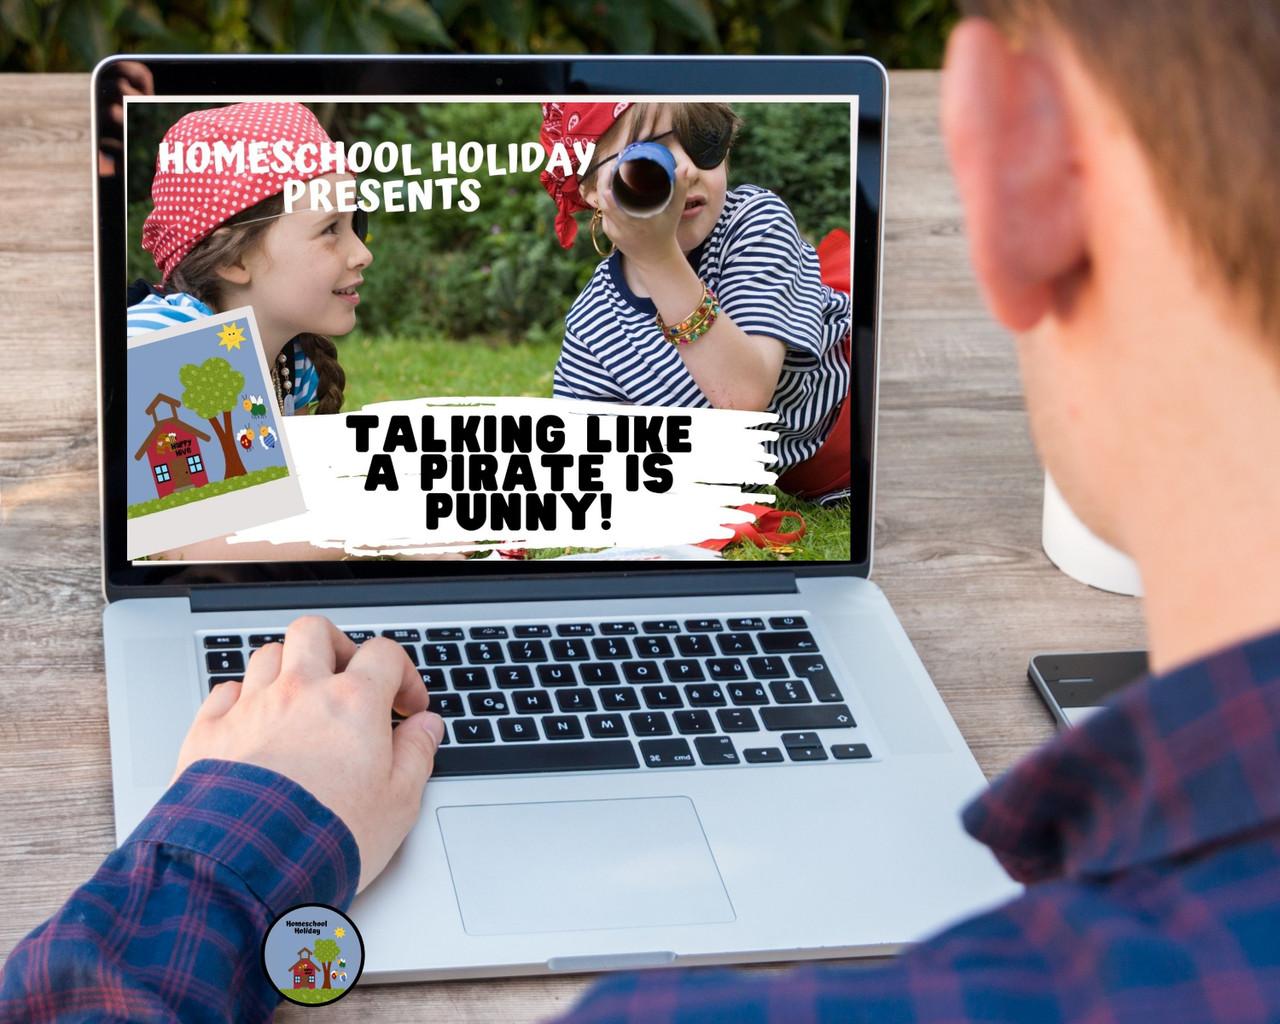 Pirate Jokes and Puns